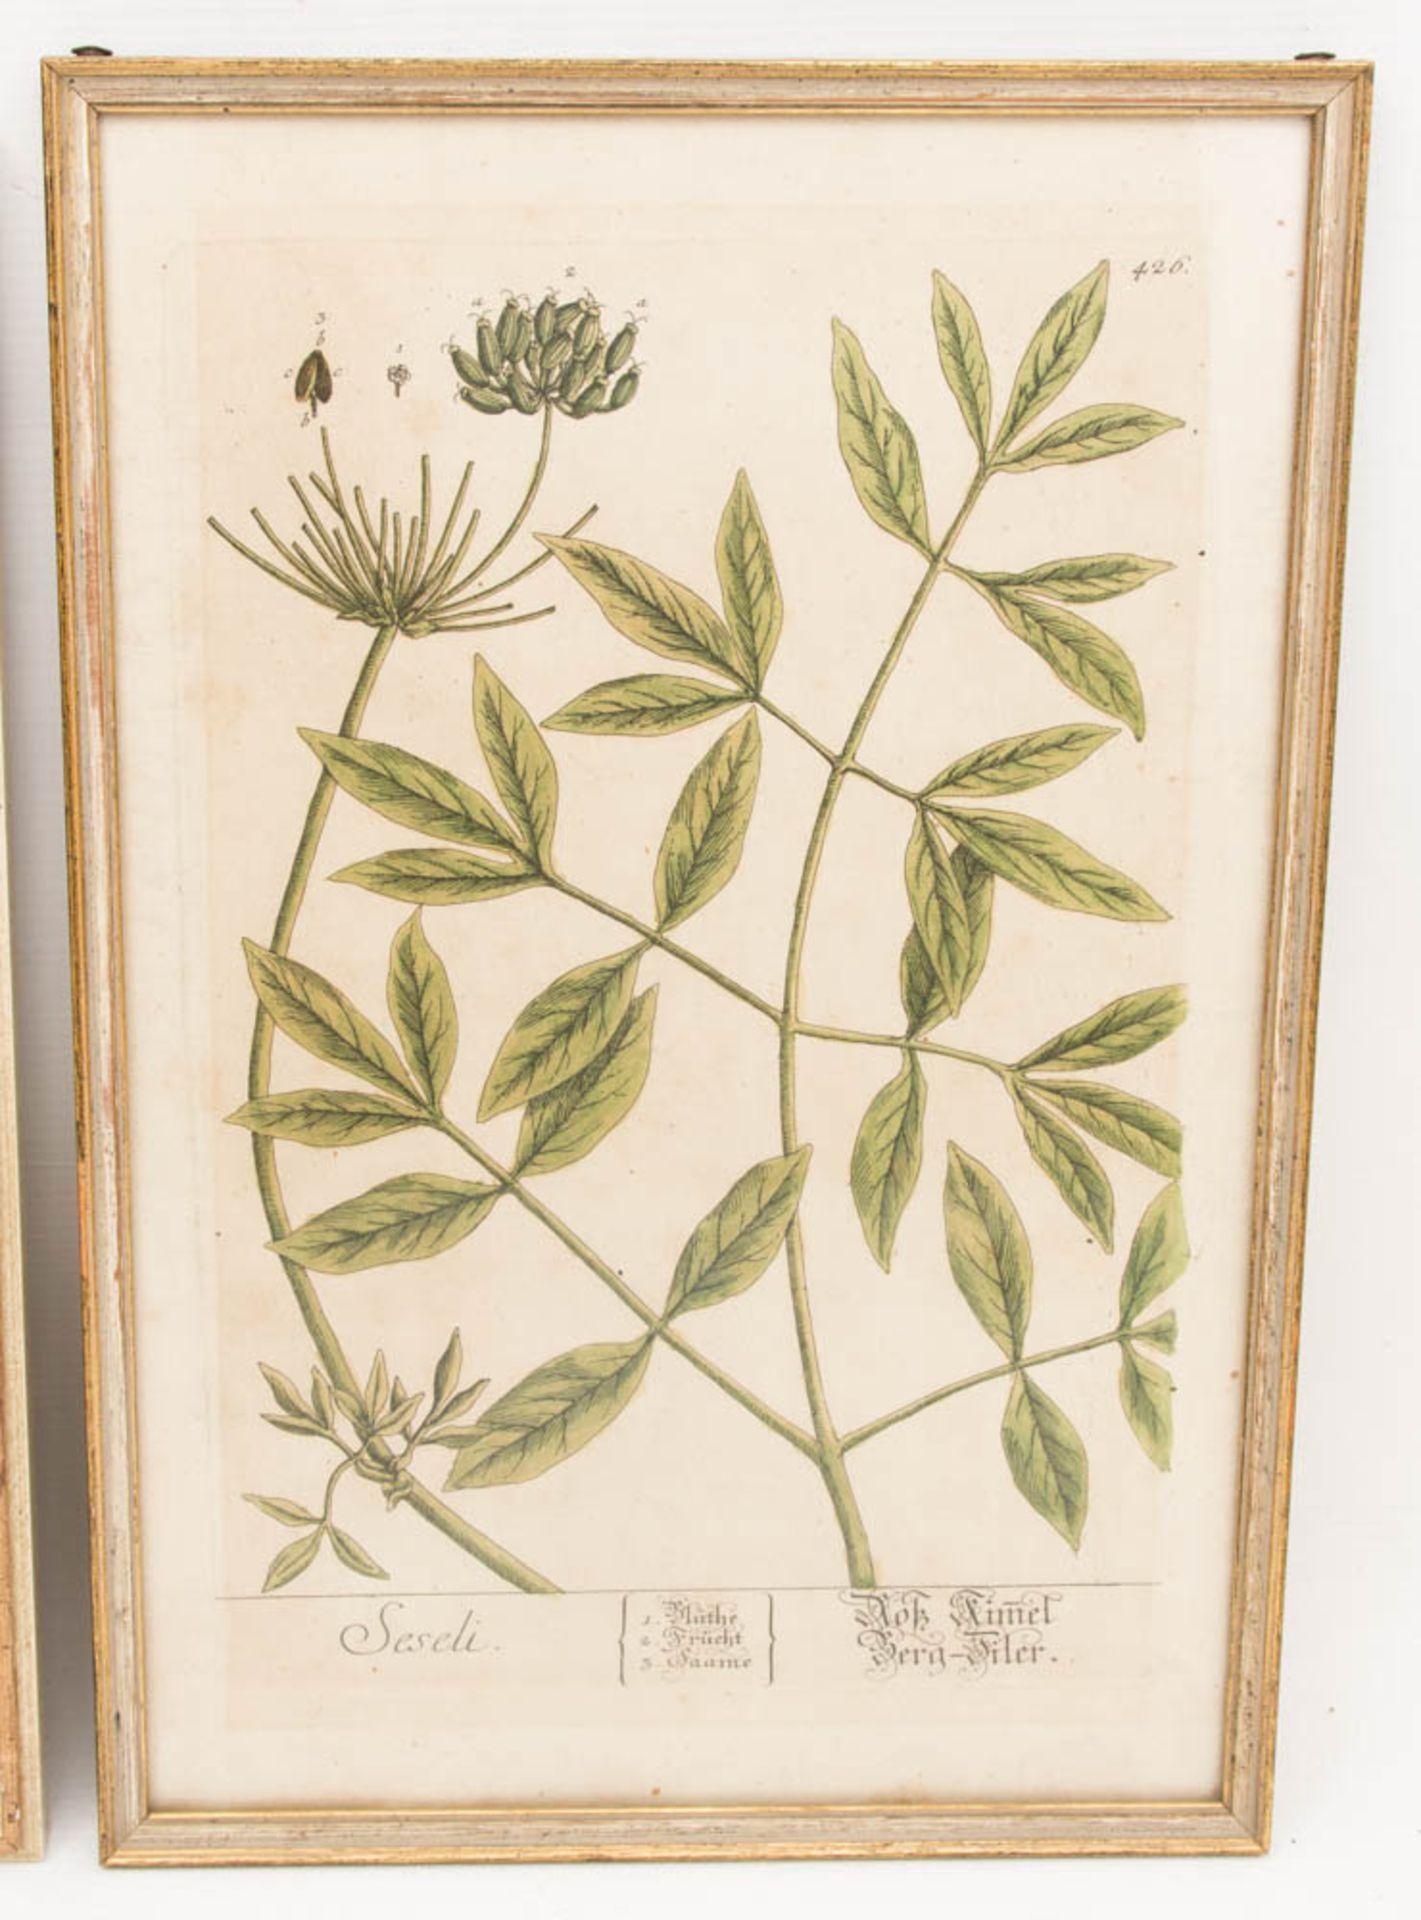 Drei florale Drucke, ein florales Aquarell.Gerahmt, leichte Gebrauchsspuren.Ein Be - Bild 3 aus 6